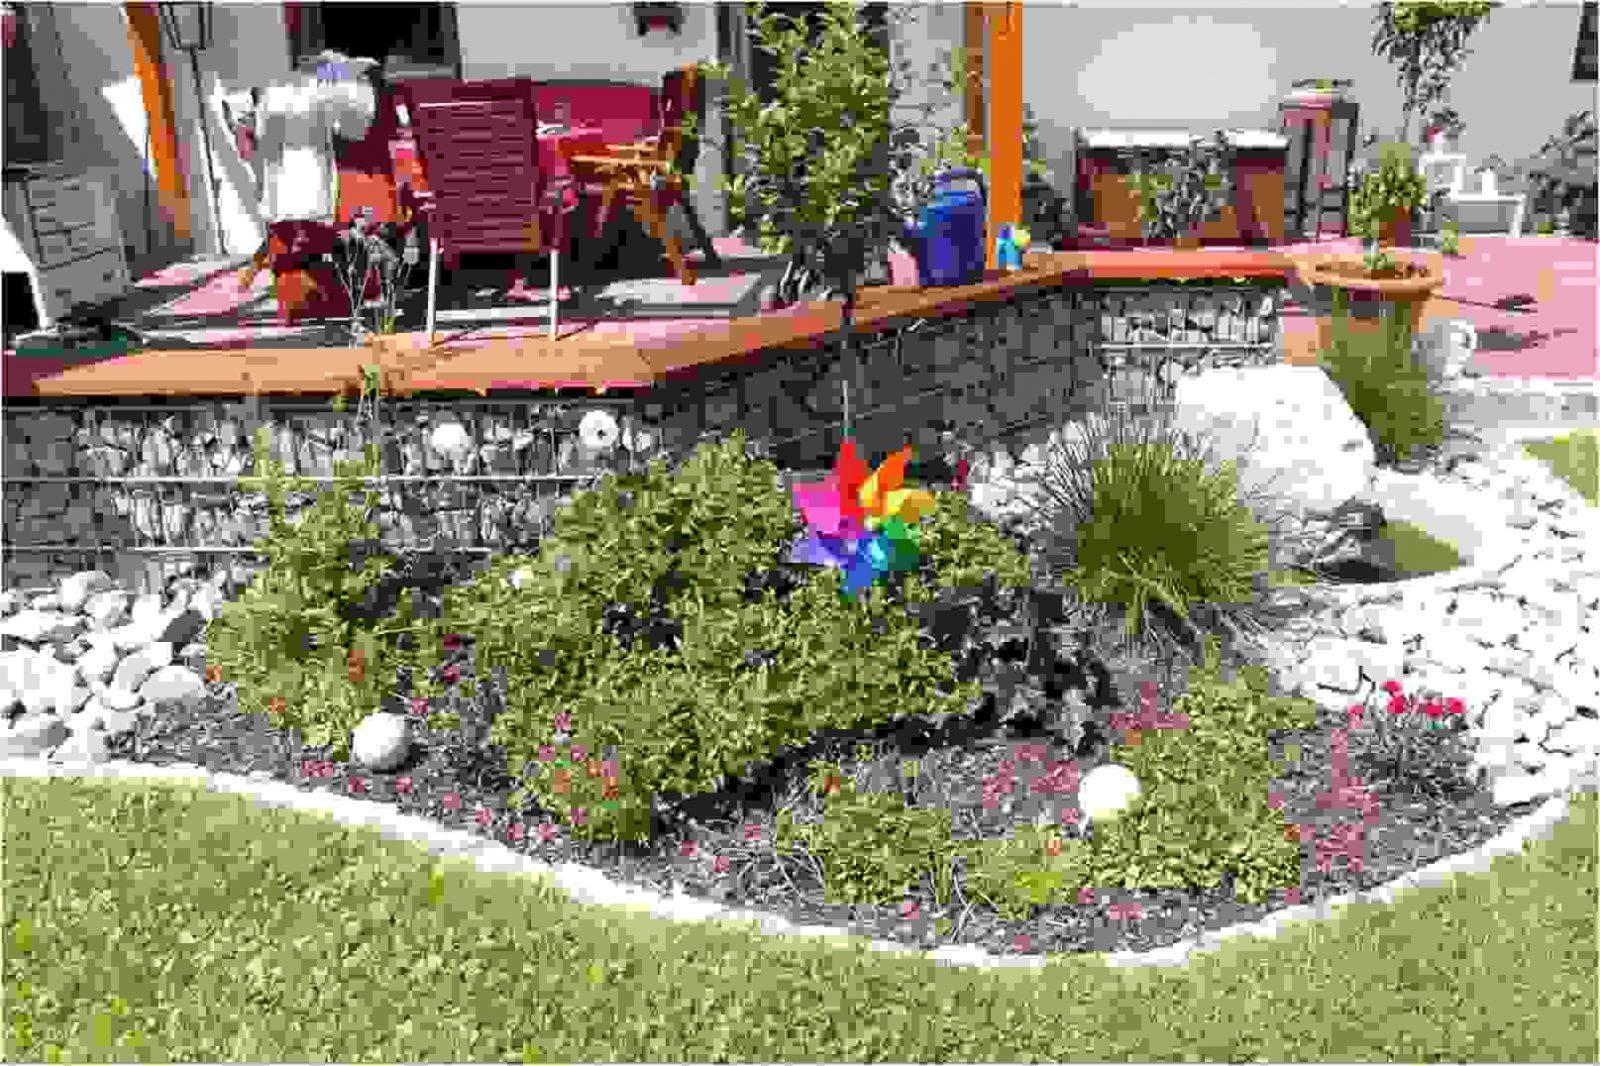 30 Neueste Sichtschutz Garten Ideen Günstig Schema  Garten Designideen von Sichtschutz Garten Ideen Günstig Photo